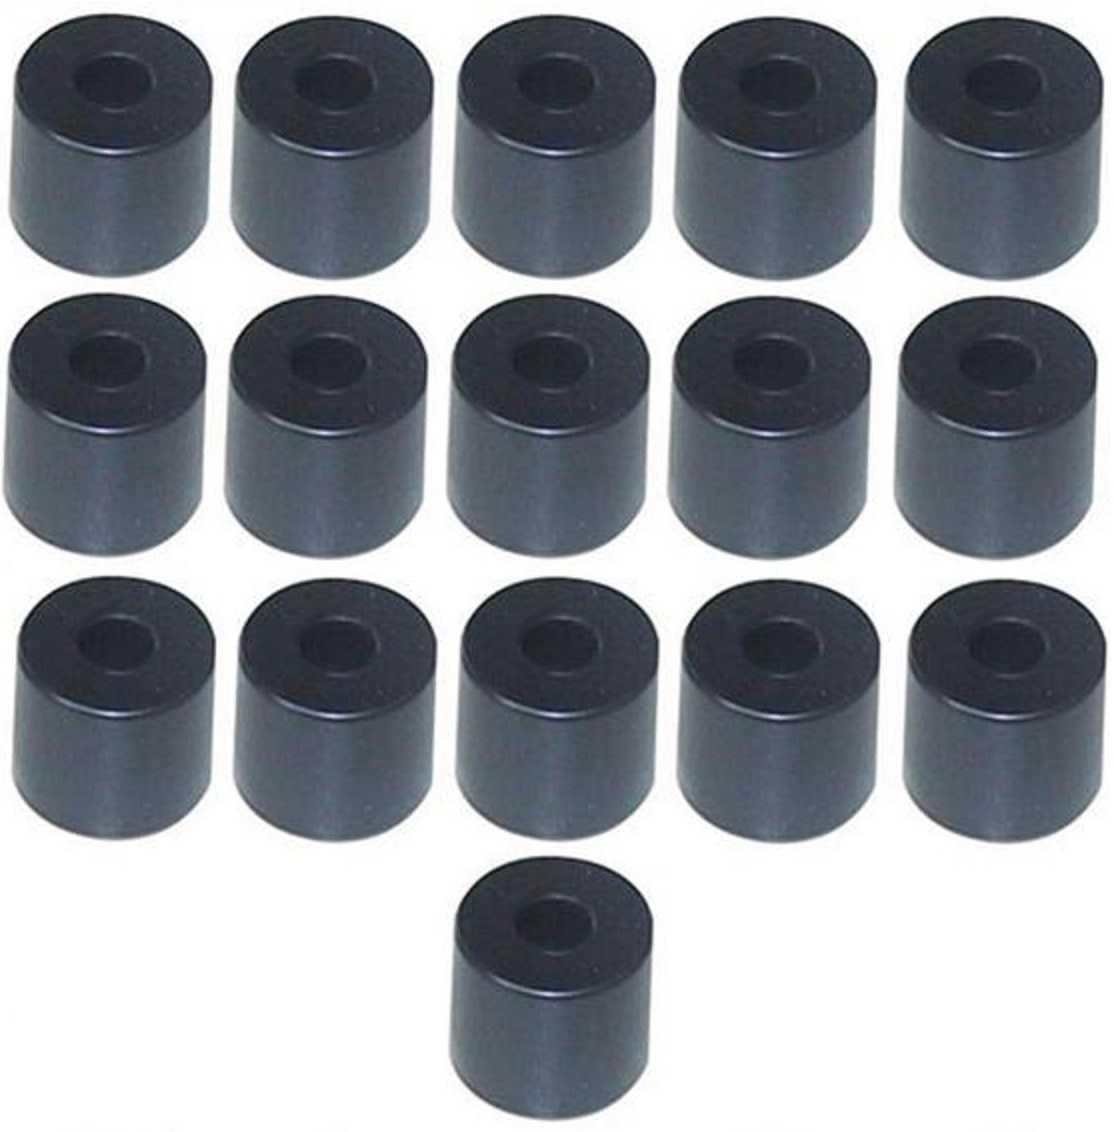 16 Gummifüße Ø 38 x 33 mm Stahleinlage Adam Hall 4913 Gerätefuß Möbelfüße Gummi